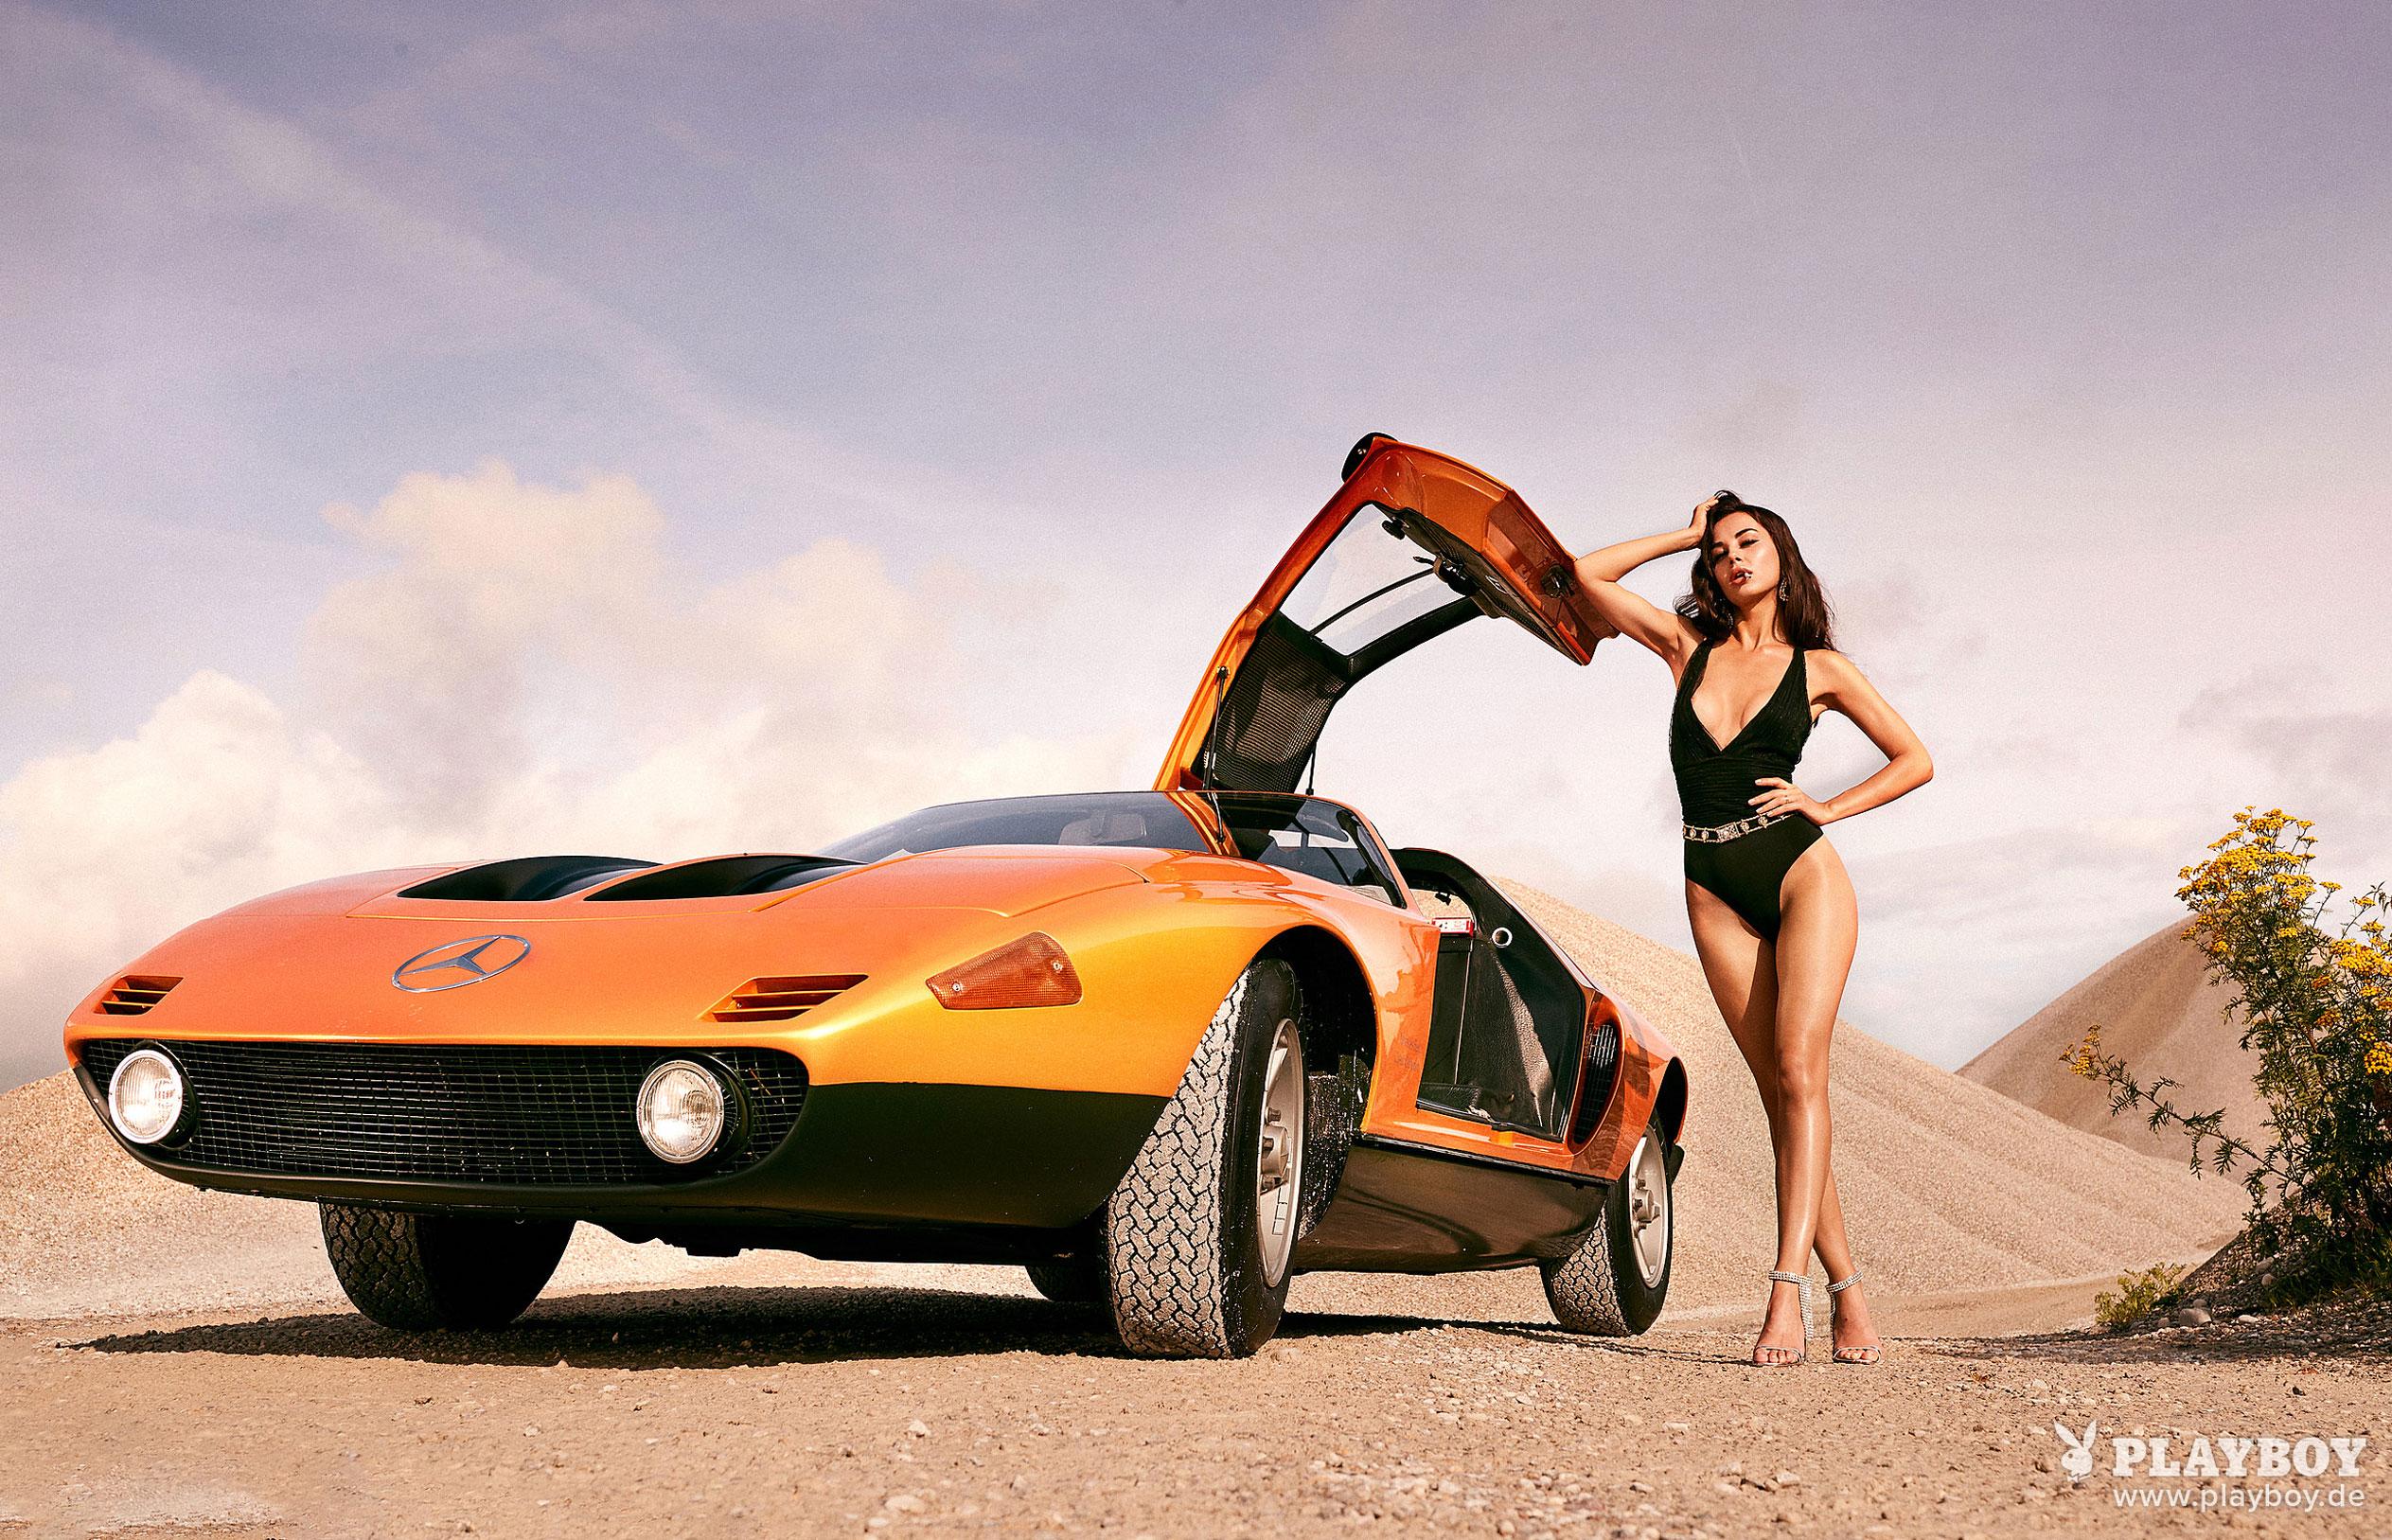 Сексуальная и голая Вероника Климович позирует вместе с легендарным Mercedes-Benz C 111 / фото 04